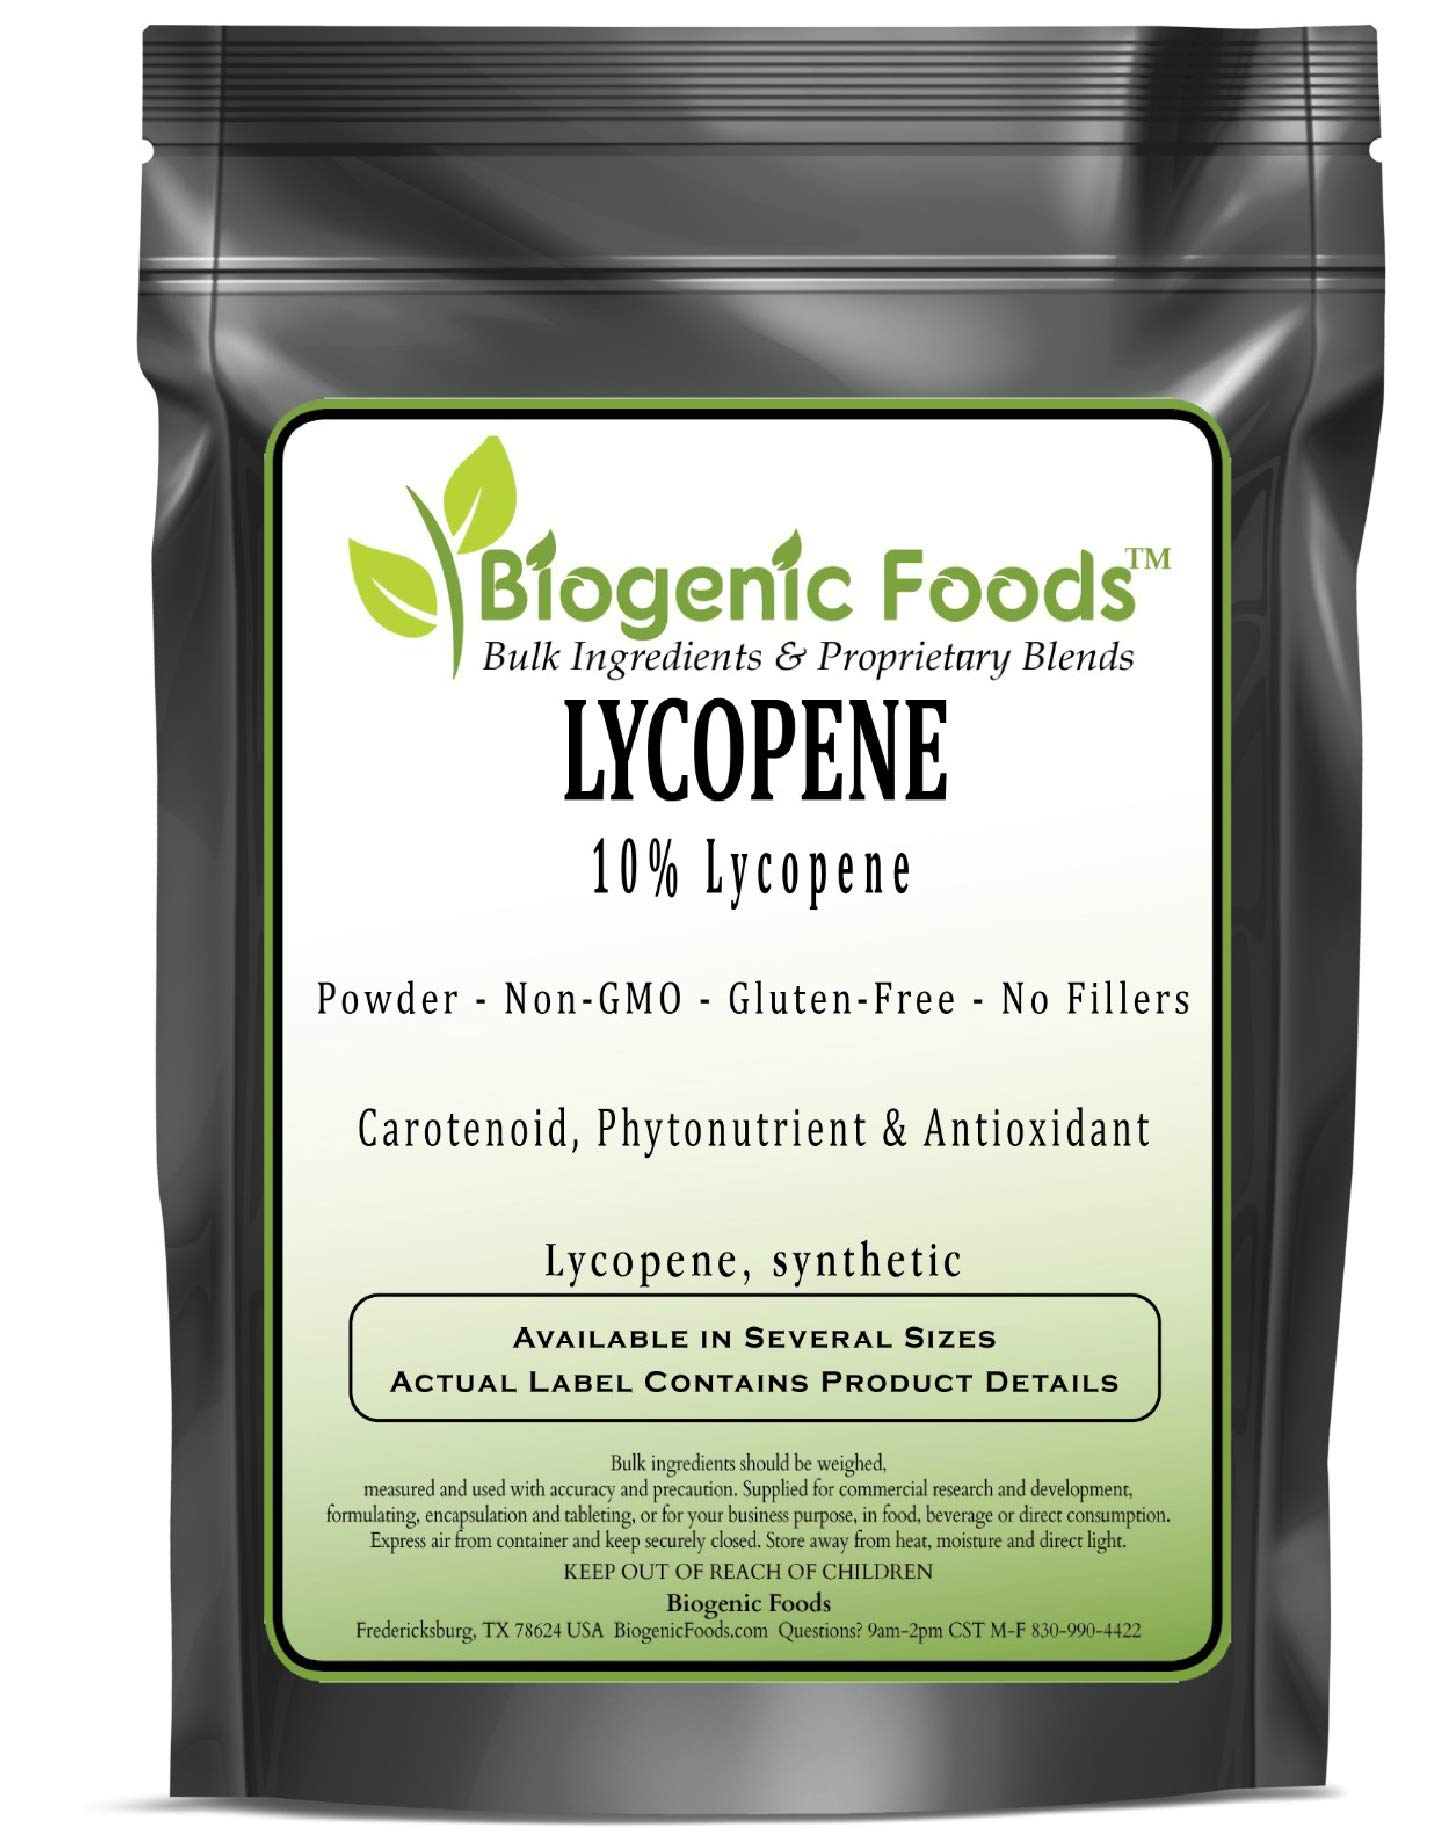 Lycopene - 10% Lycopene Powder Extract (Lycopene, Synthetic), 2 kg by Biogenic Foods